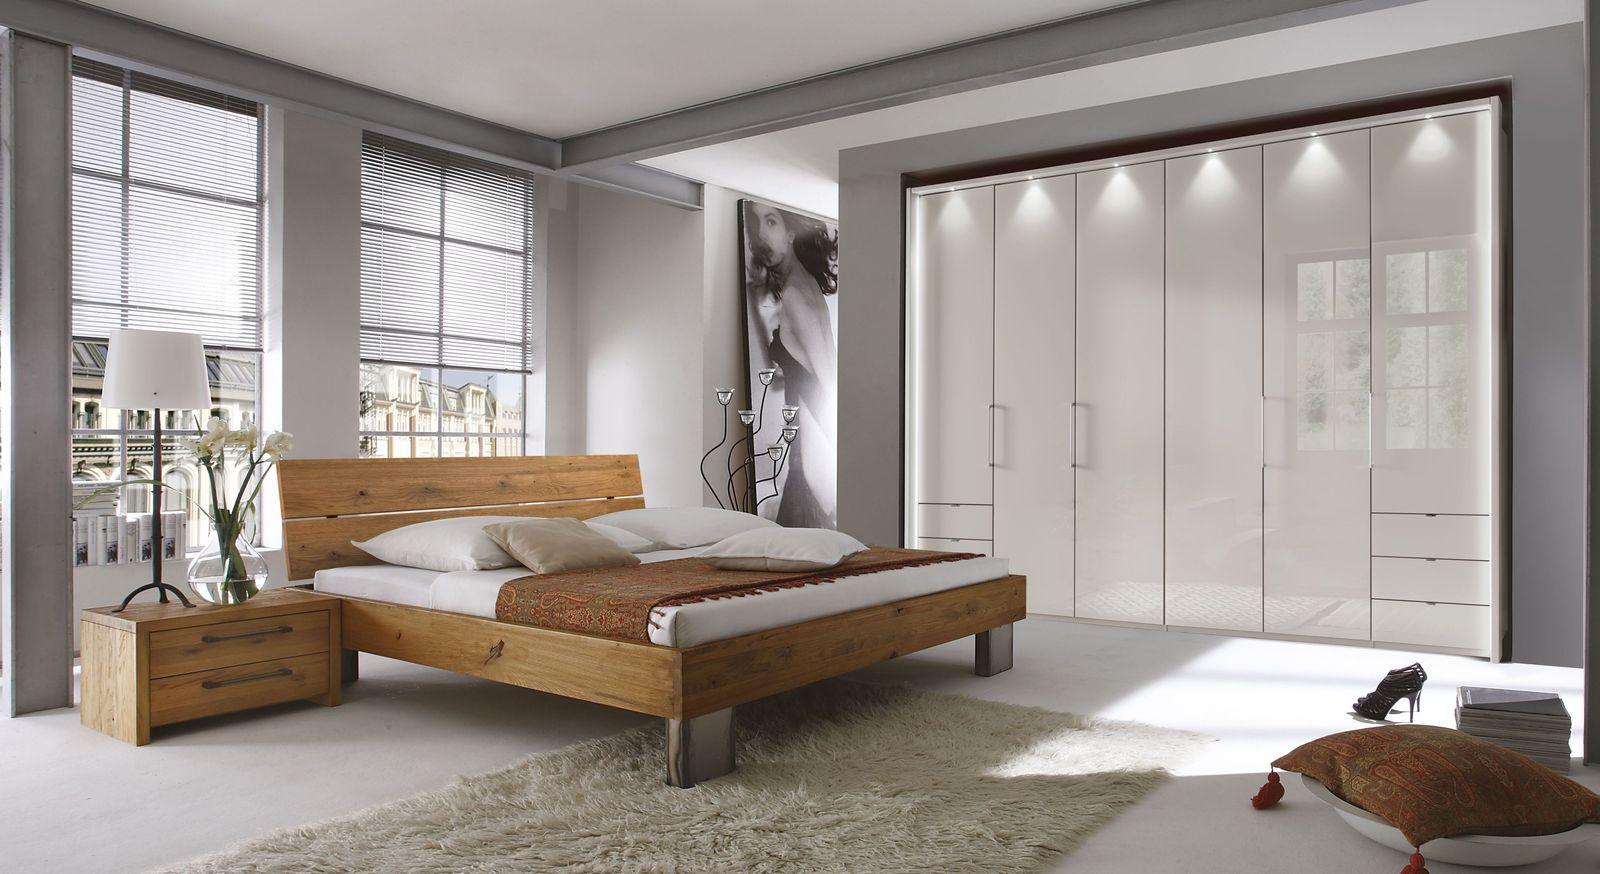 Funktions-Kleiderschrank Northville mit passenden Schlafzimmermöbeln